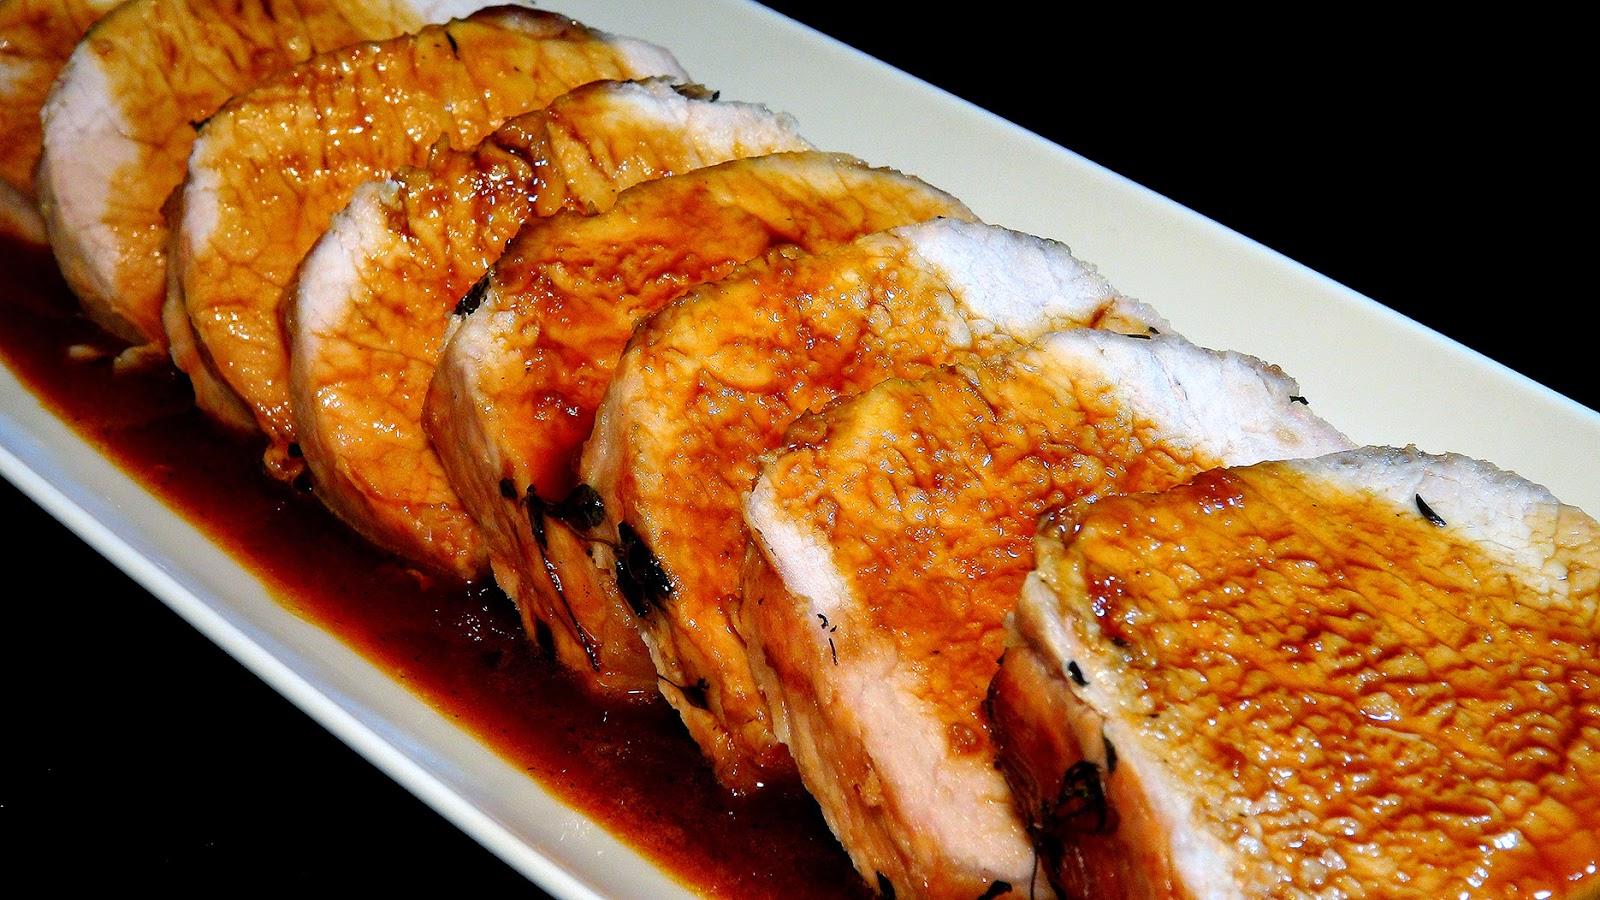 Cocinar Lomo De Cerdo | Cocinar Para Los Amigos Lomo De Cerdo Asado Con Salsa De Naranja